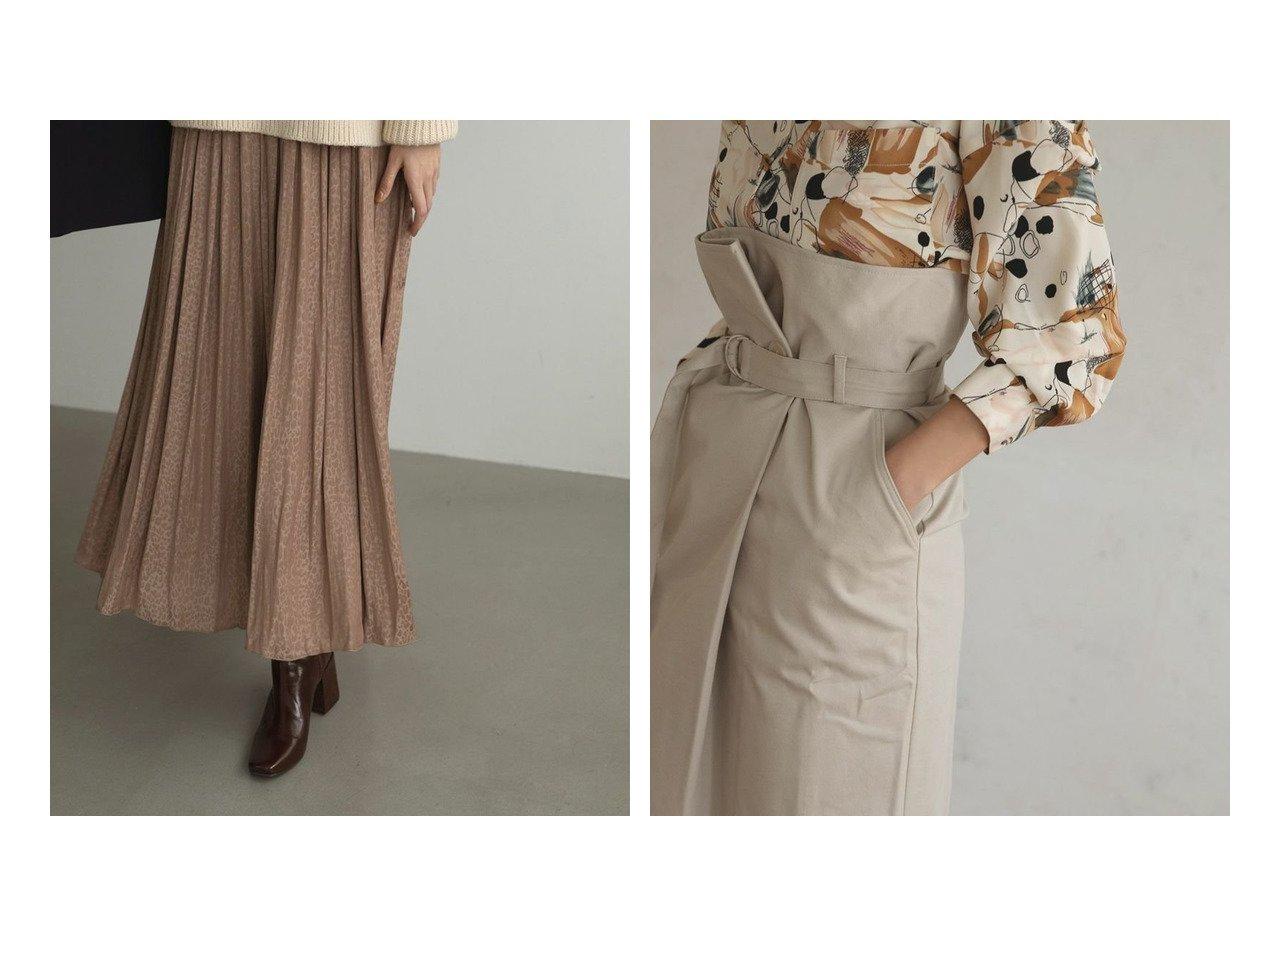 【marjour/マージュール】のレオパードスカート LEOPARD SKIRT&marjourハイウエストラップスカート HIGHWEAST WRAP SKIRT マージュールのおすすめ!人気、トレンド・レディースファッションの通販 おすすめで人気の流行・トレンド、ファッションの通販商品 メンズファッション・キッズファッション・インテリア・家具・レディースファッション・服の通販 founy(ファニー) https://founy.com/ ファッション Fashion レディースファッション WOMEN スカート Skirt シューズ ショート スウェット スニーカー タイツ ヒョウ フラット プリーツ モノトーン レオパード おすすめ Recommend 春 Spring 秋 Autumn/Fall カットソー サンダル スリット タイトスカート トレンド ノースリーブ 長袖 冬 Winter  ID:crp329100000021542